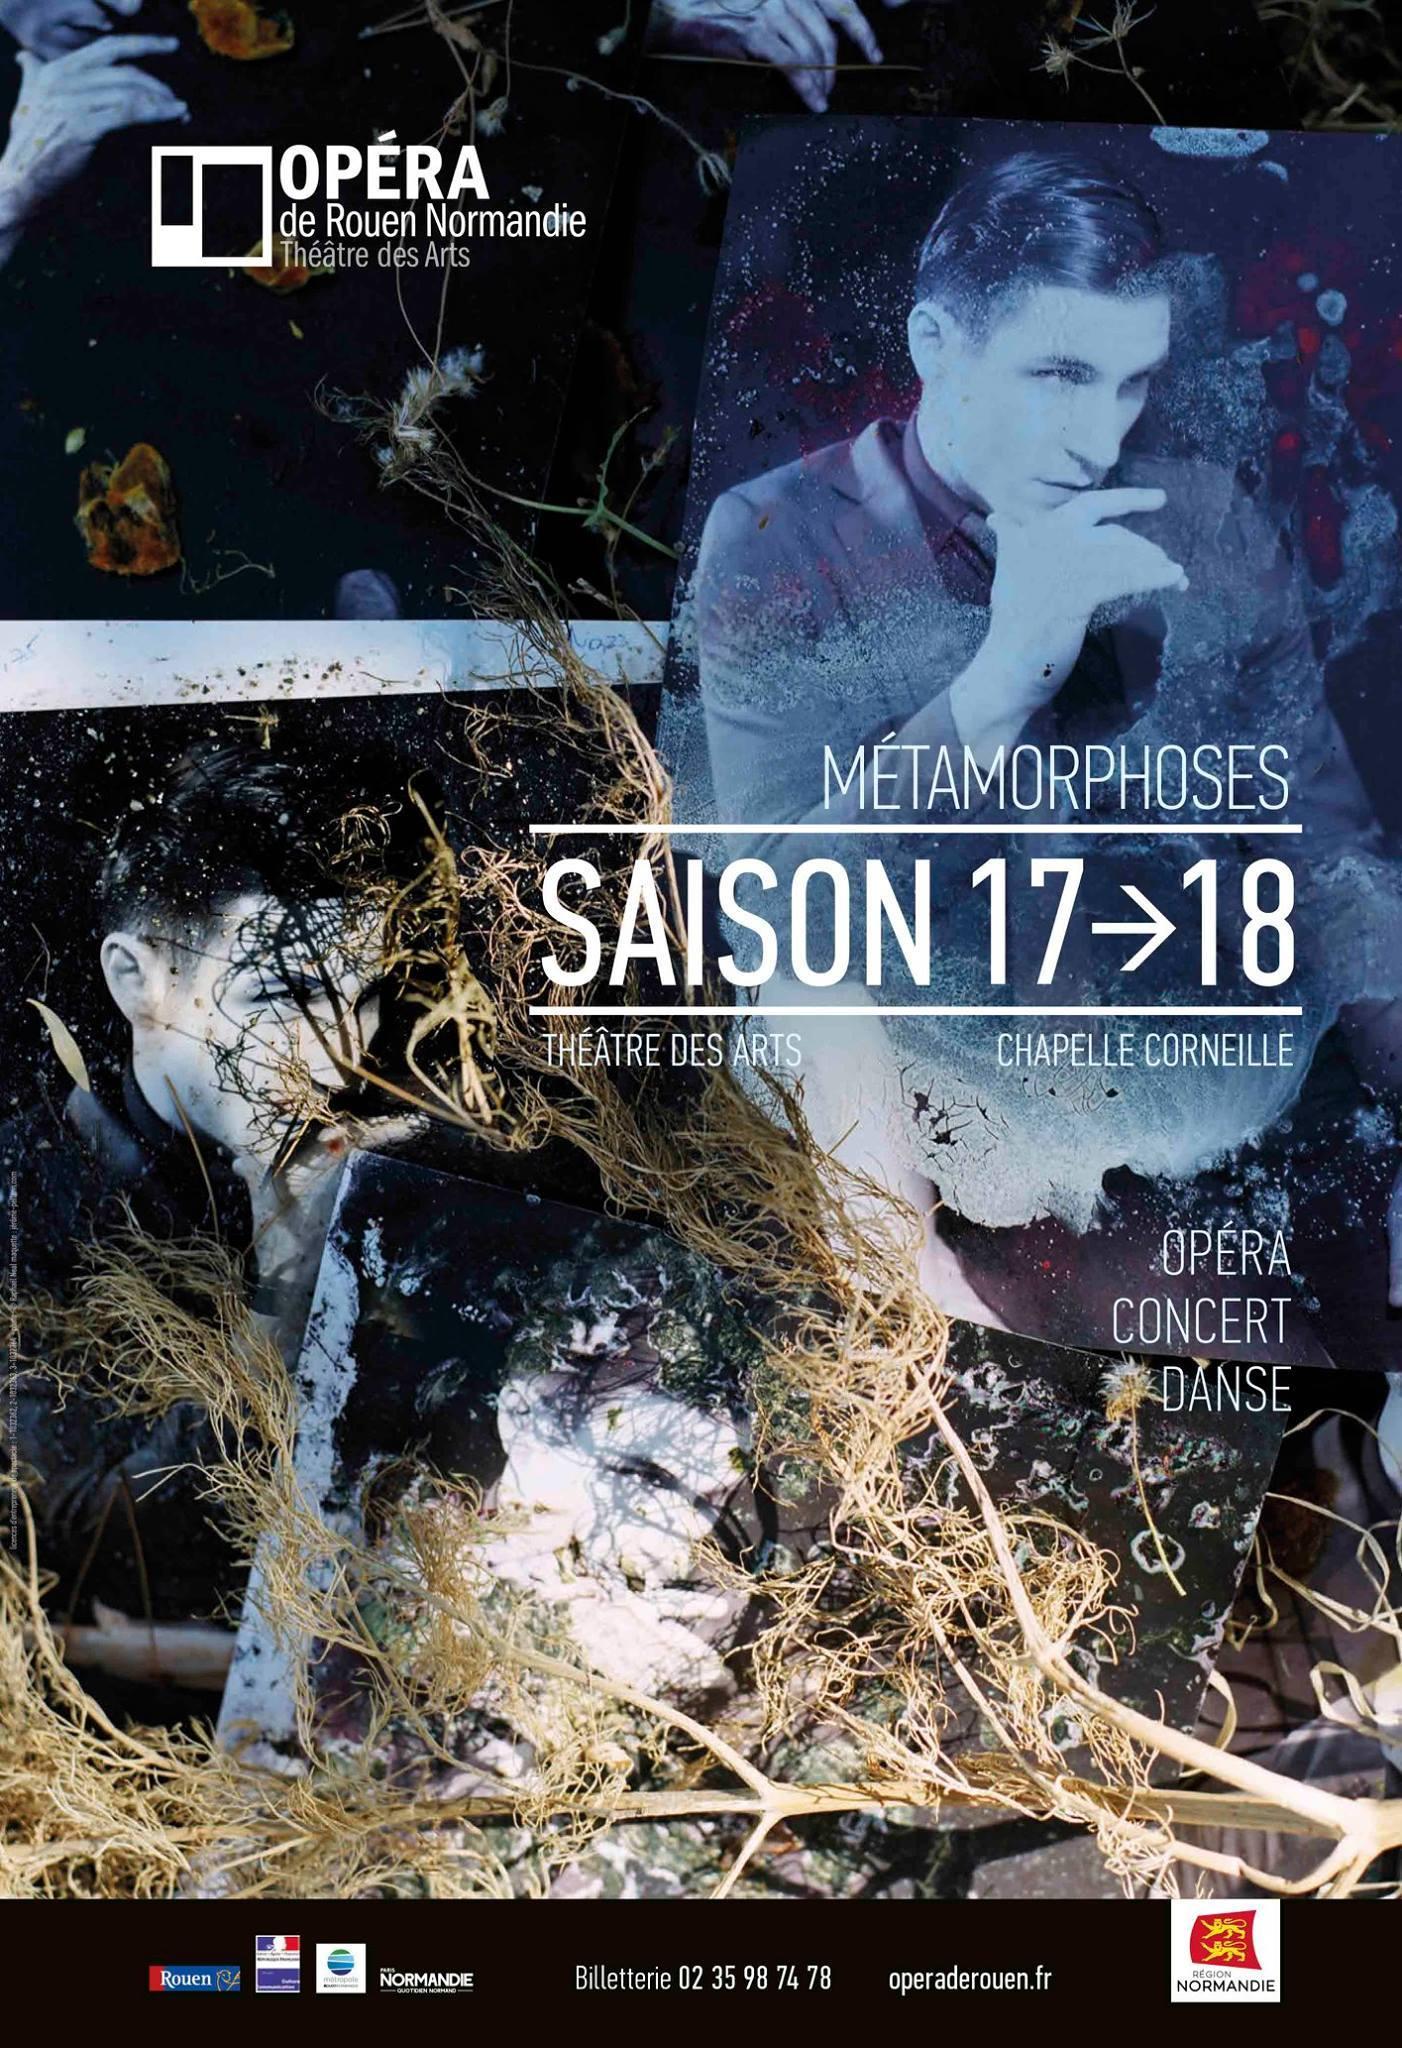 Opéra de Rouen  Official poster for Season 2017-18